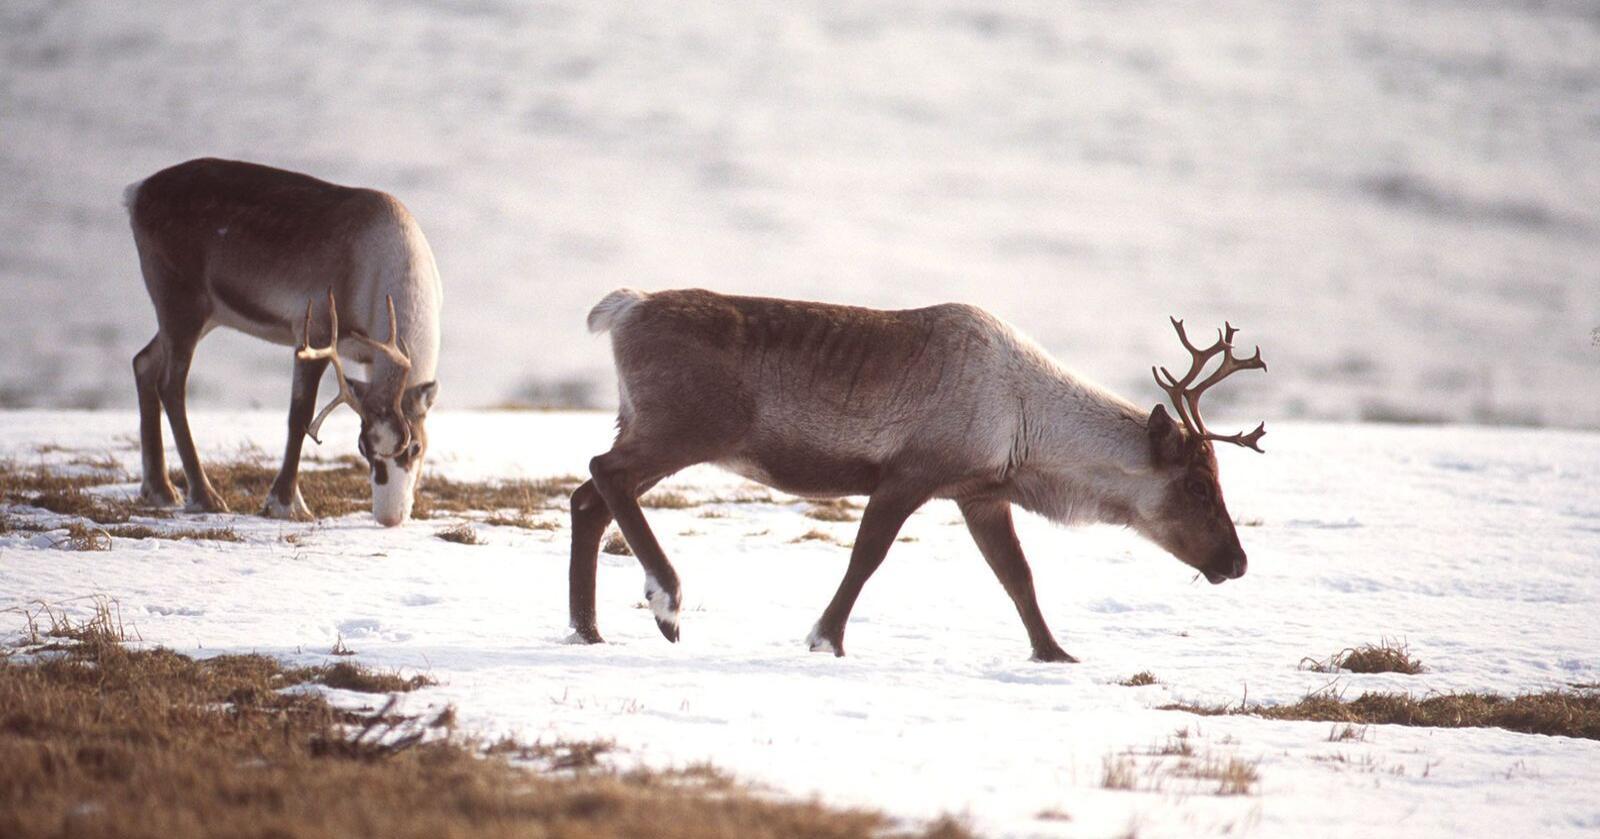 Fleire reinsdyrkalvar døyr av sjukdom på Hardangervidda. Det er menneskeleg aktivitet som er årsaka, ifølgje ny rapport. Arkivfoto: Helge Hansen / NTB scanpix/ NPK